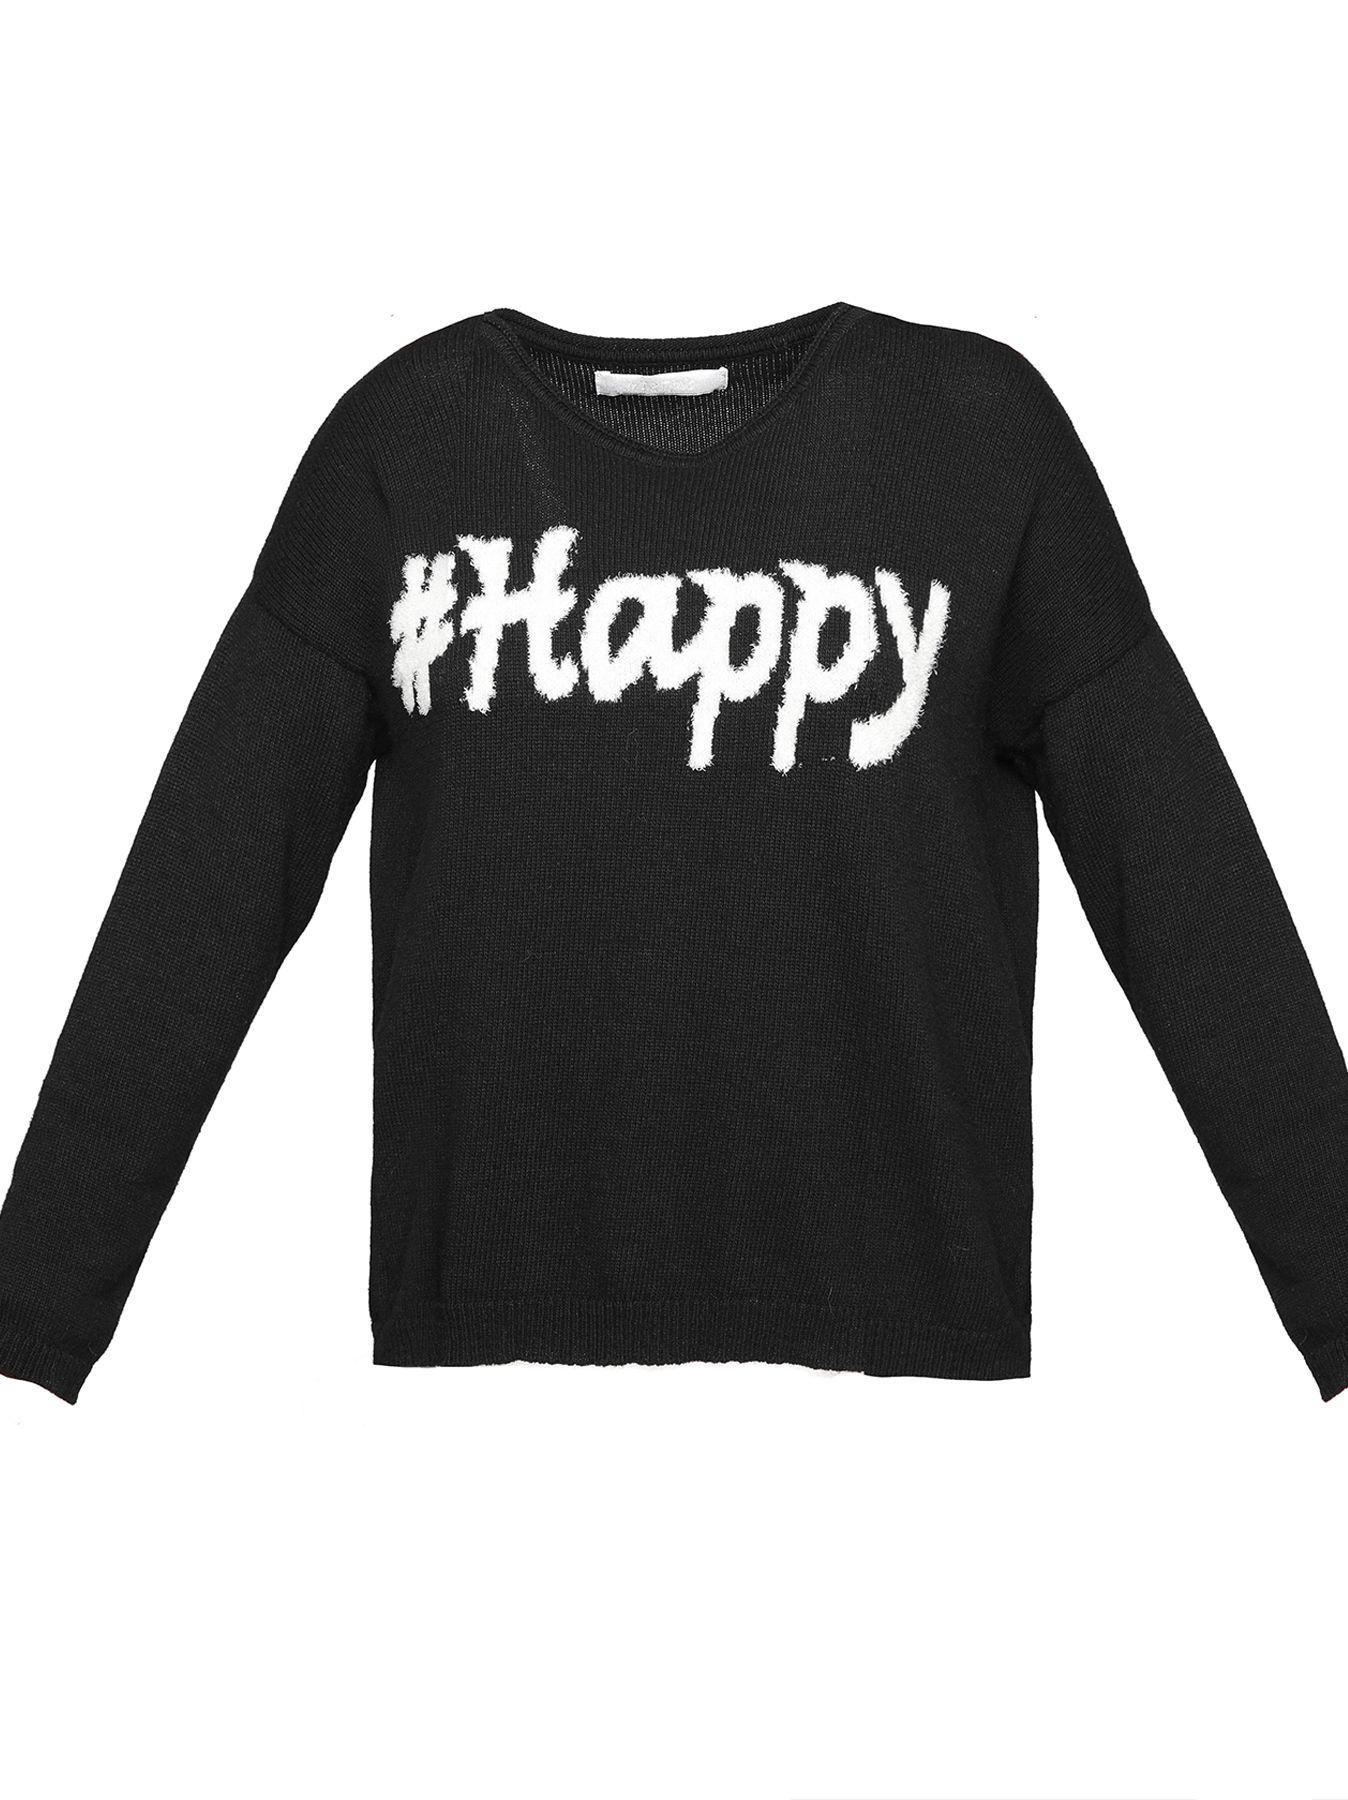 Maglia #HAPPY